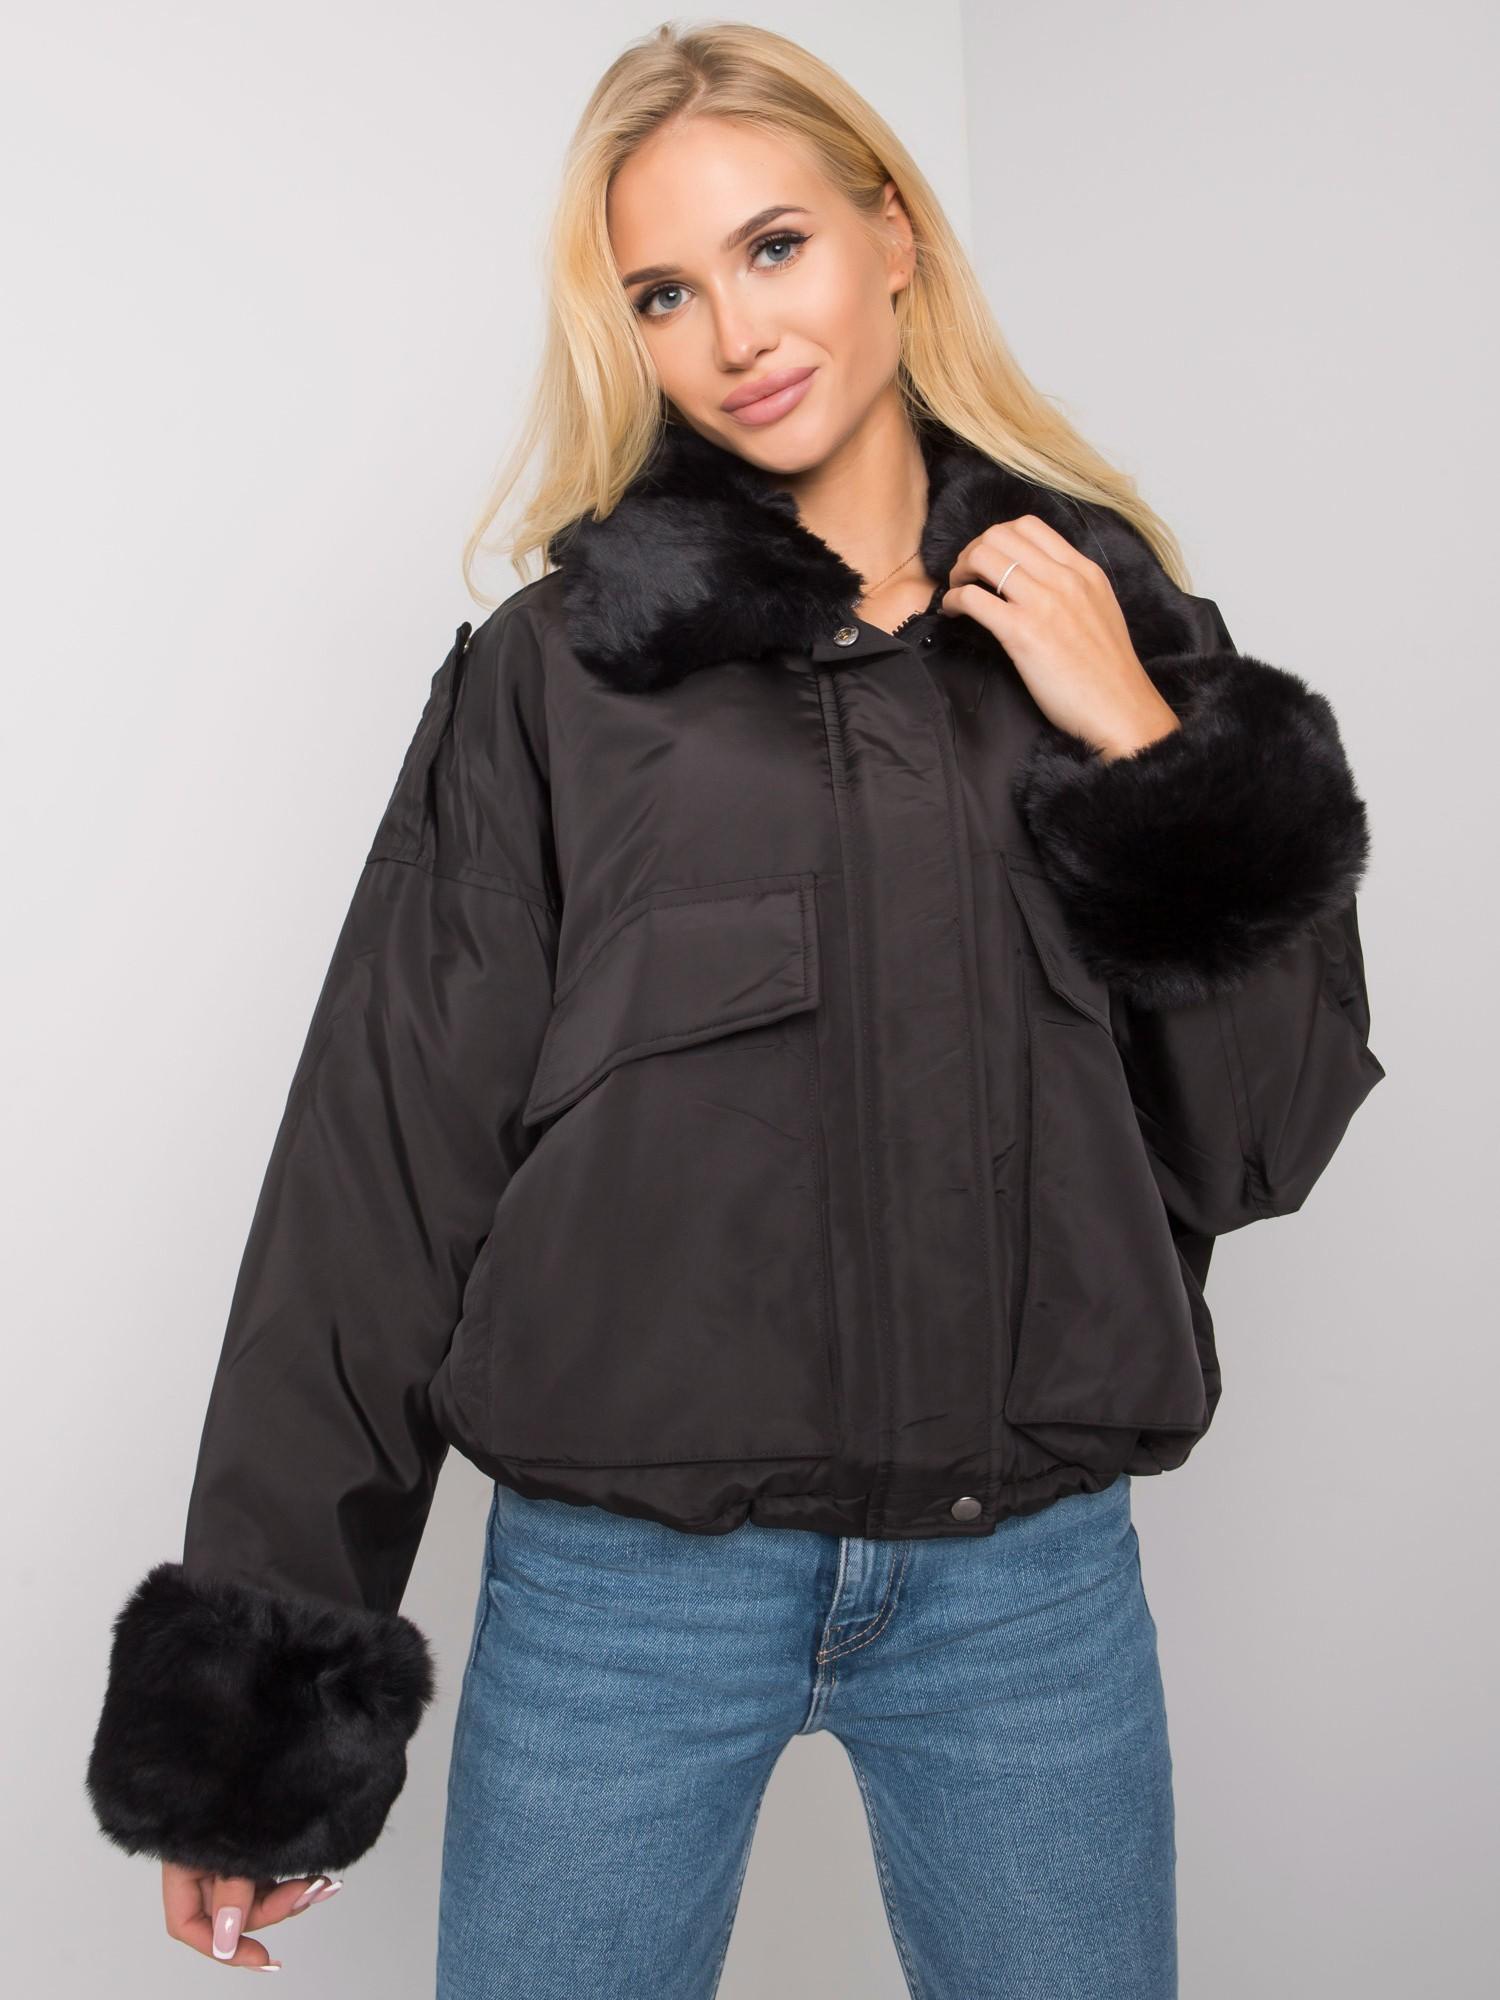 Čierna dámska bunda - M